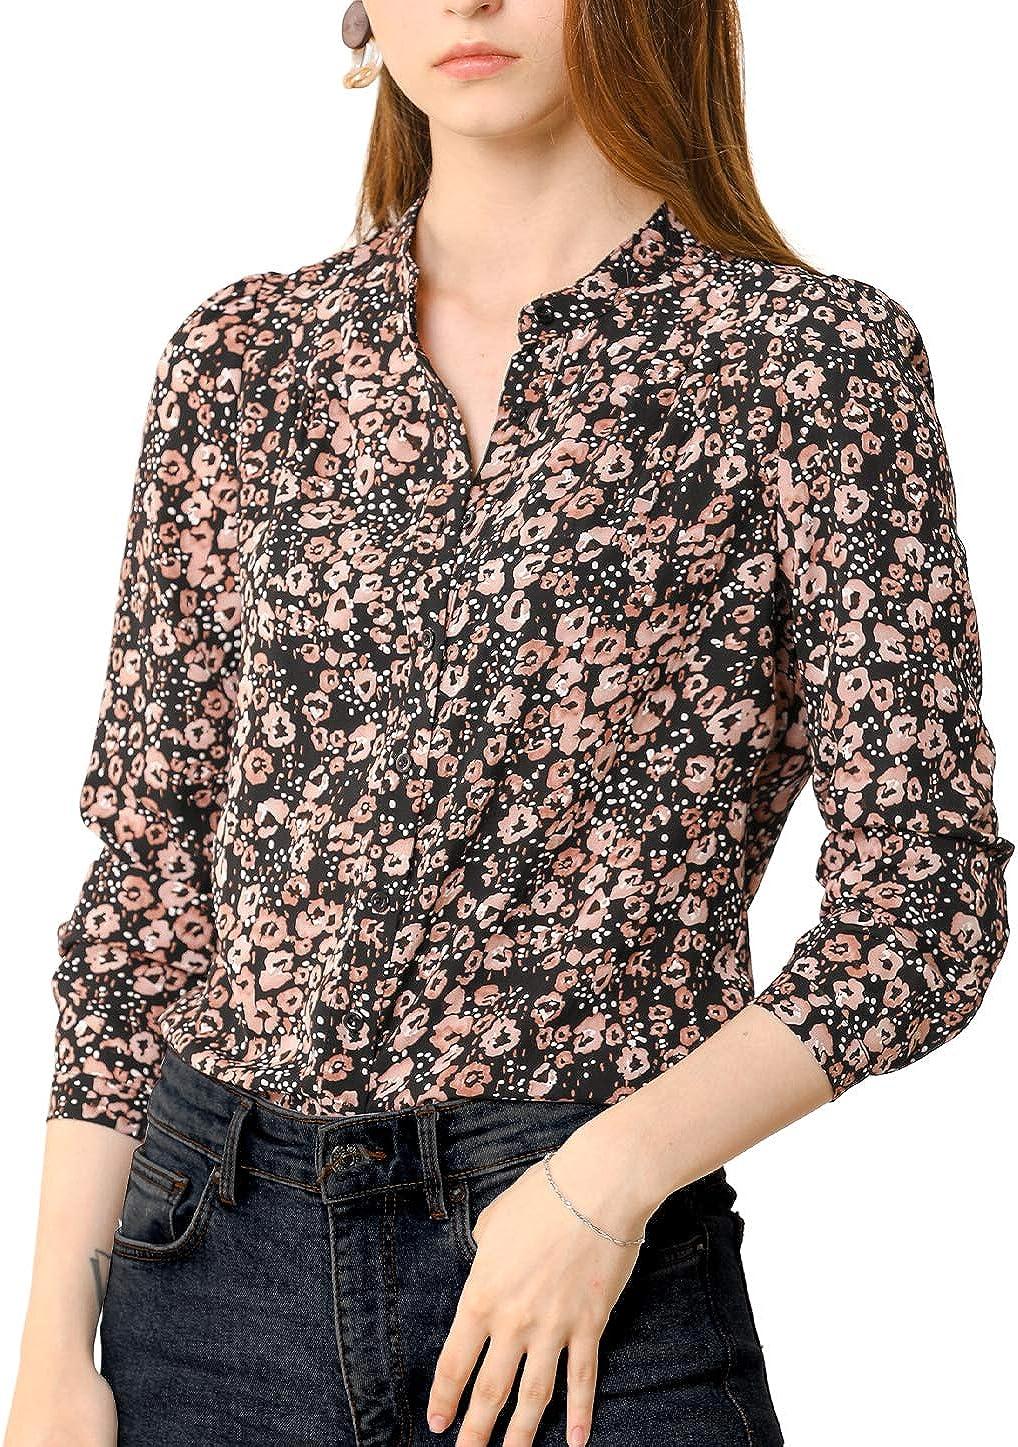 Allegra K Women's Chiffon Floral Tops V Neck Long Sleeve Button-Up Blouse Shirt